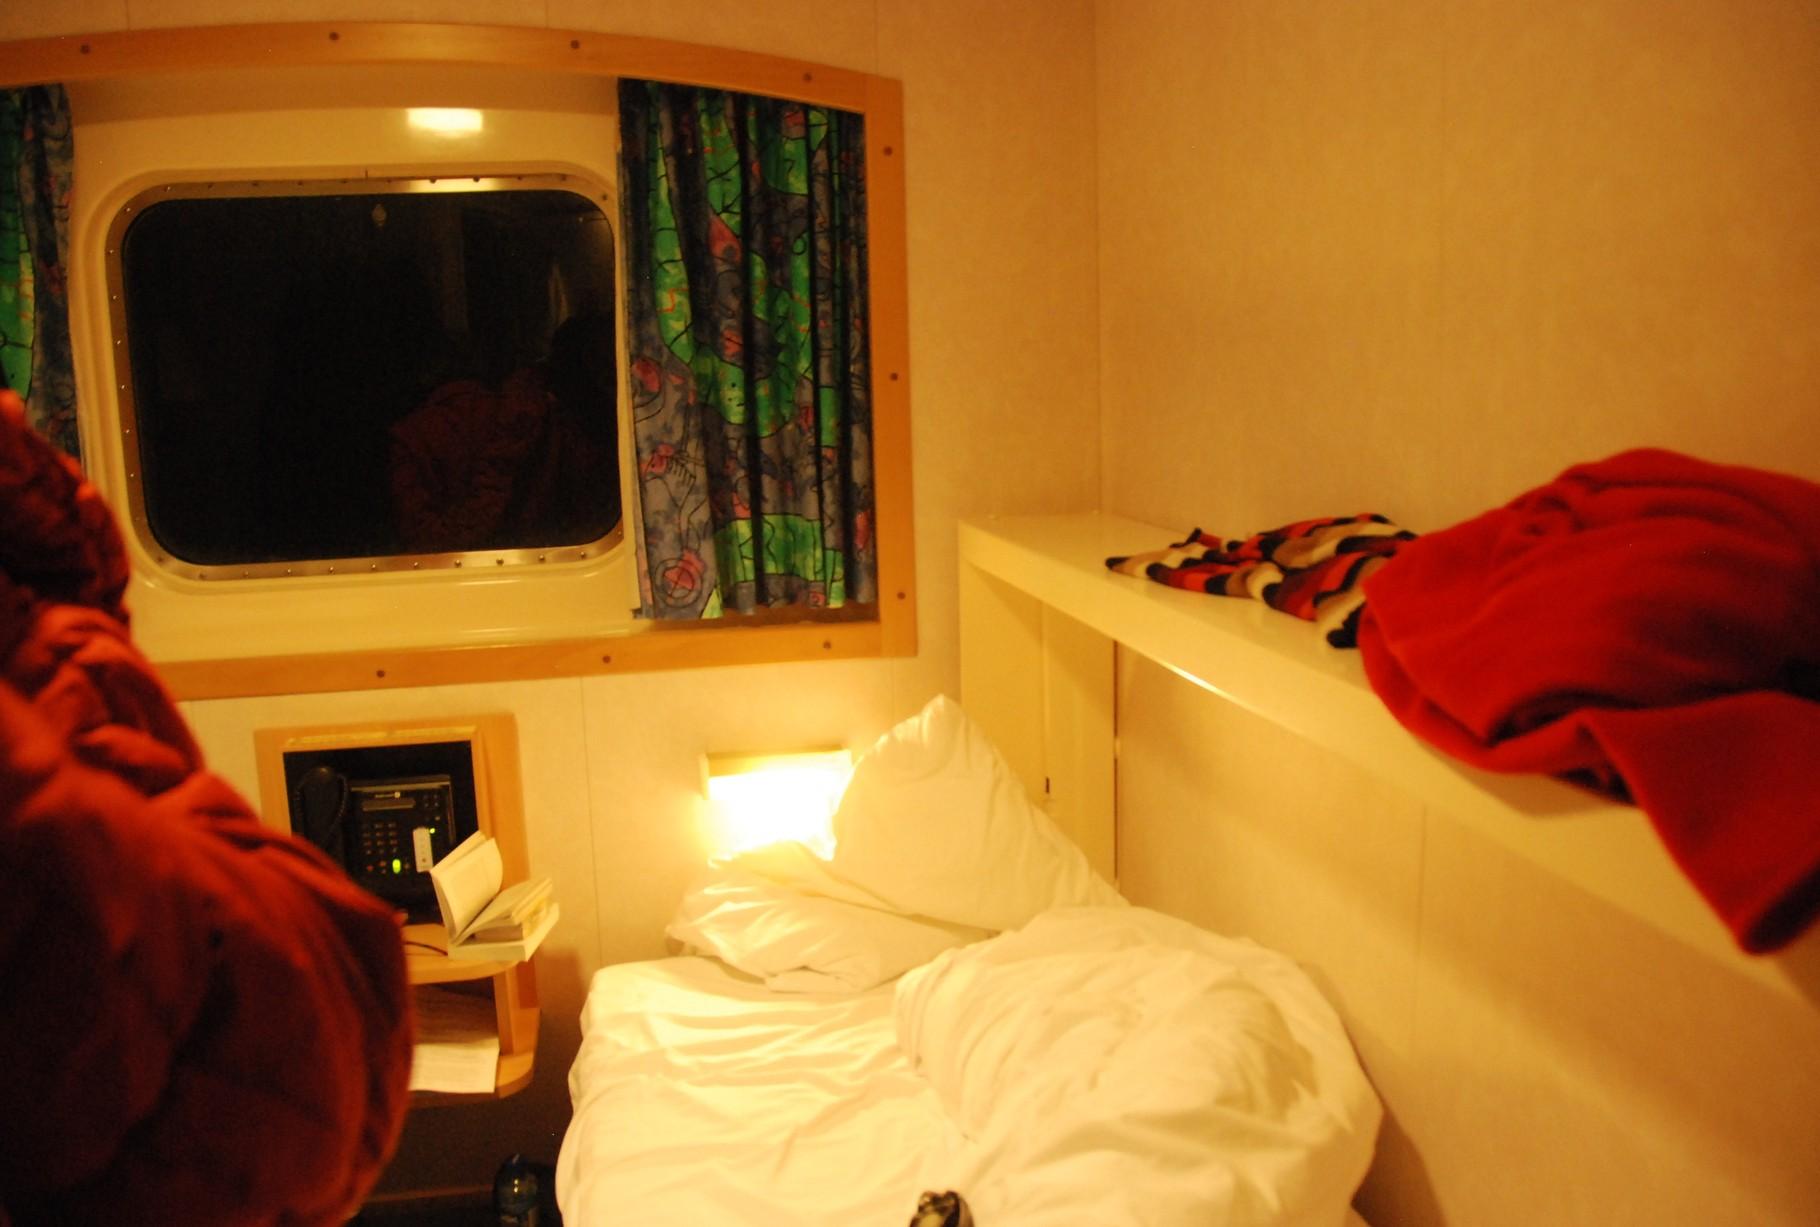 Bild 10-184 - Ob Mitternacht oder später - raus aus dem Bett, raus aus den Kabinen